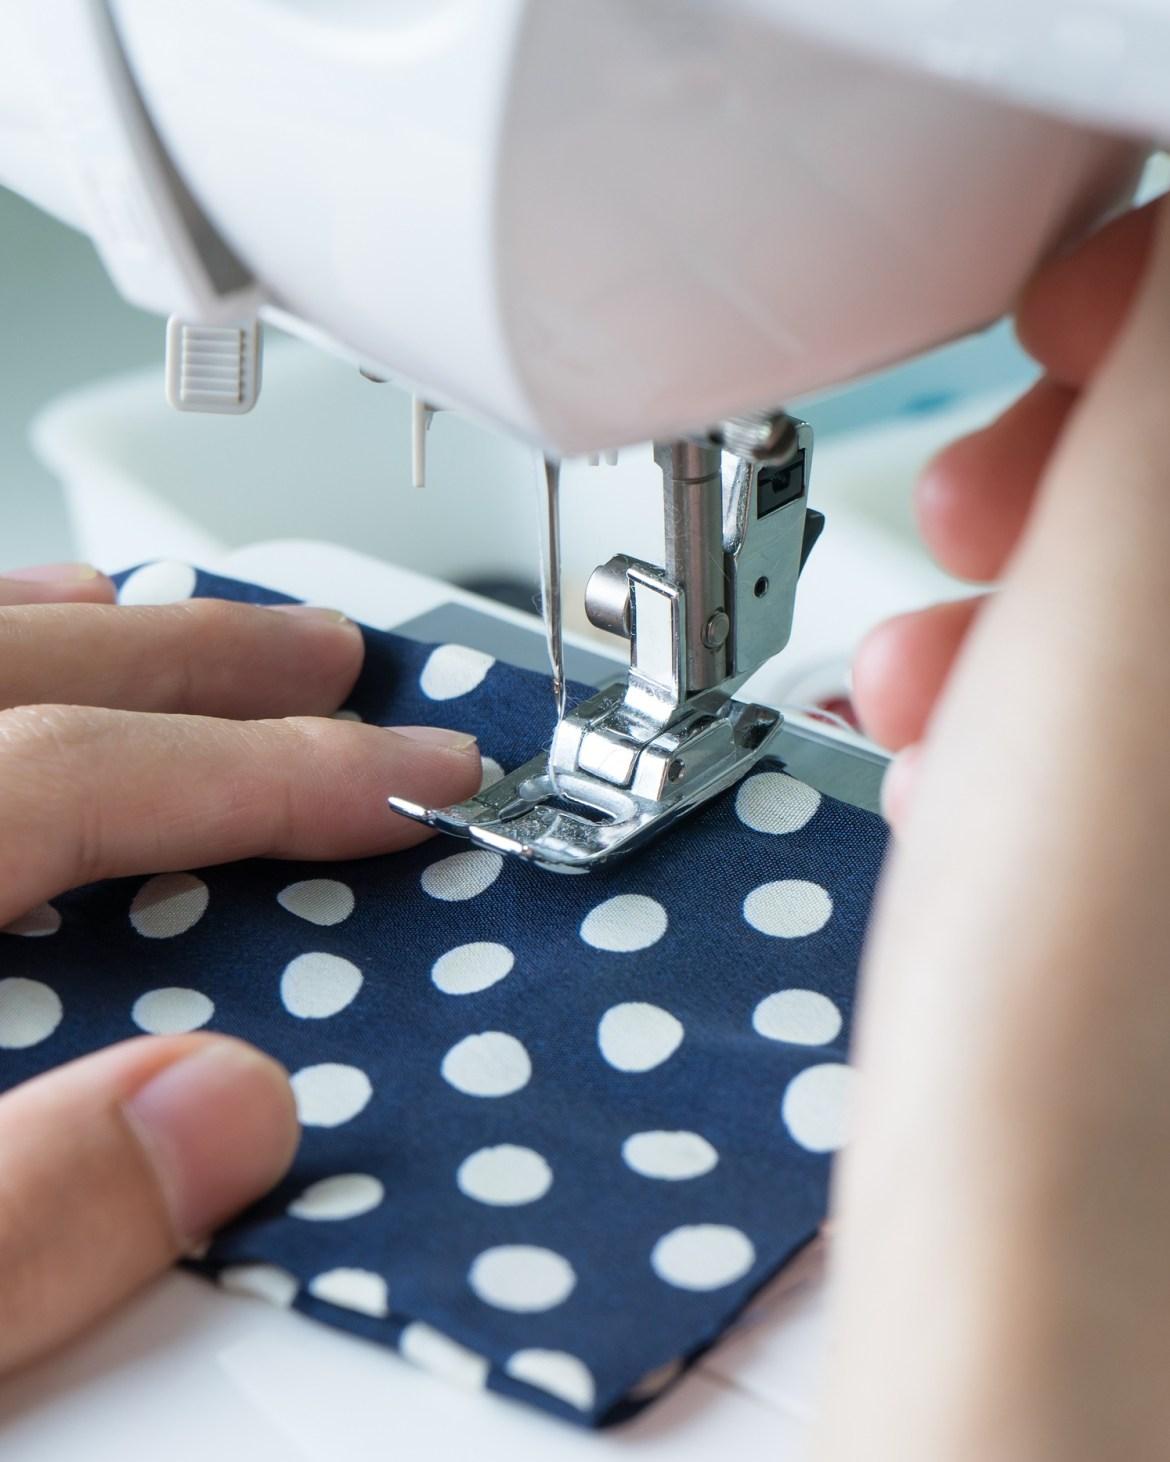 Costurando em máquina de costurar.